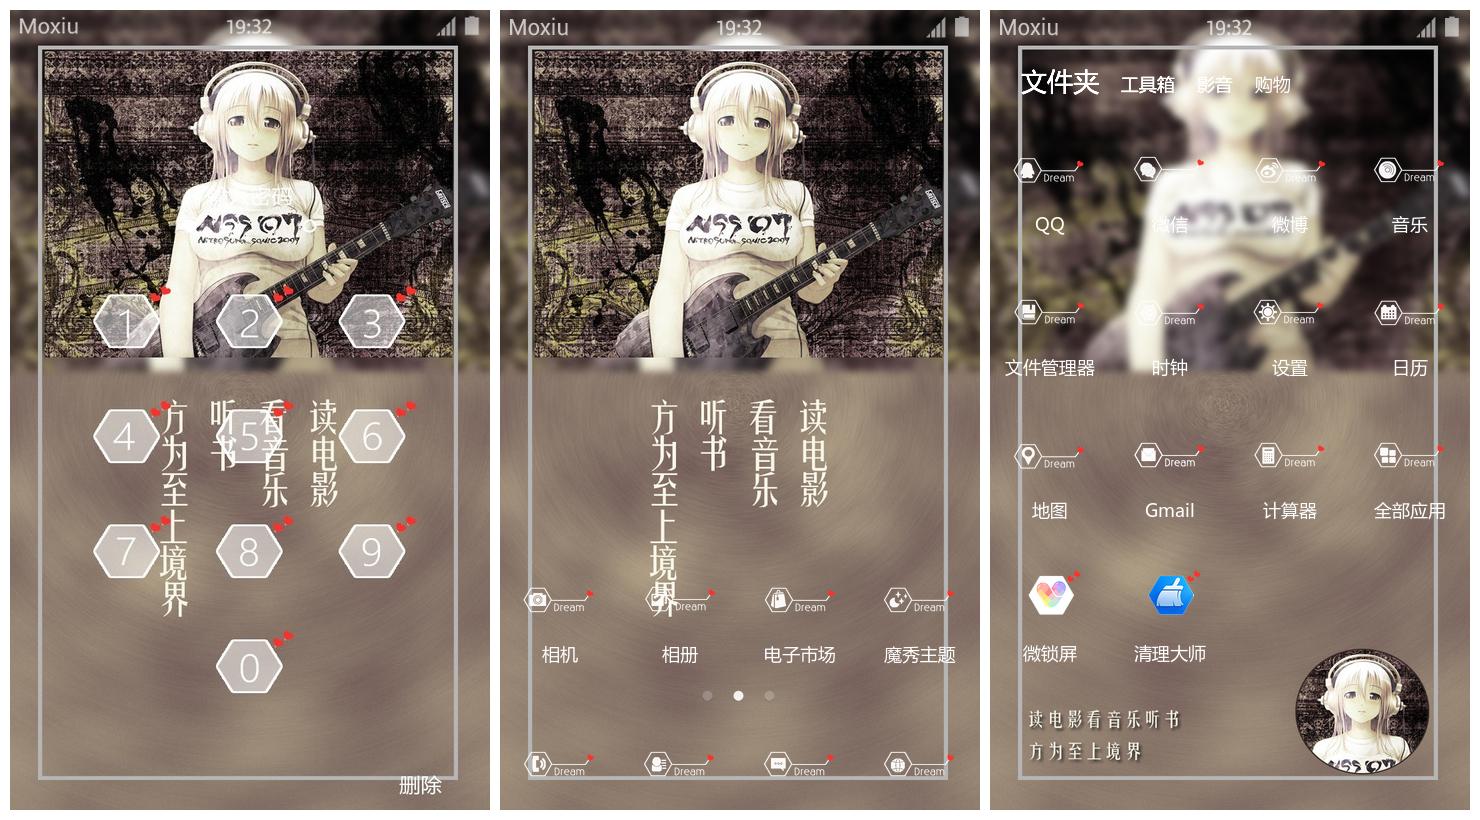 超级索尼子手机主题,动漫手机主题,二次元手机主题